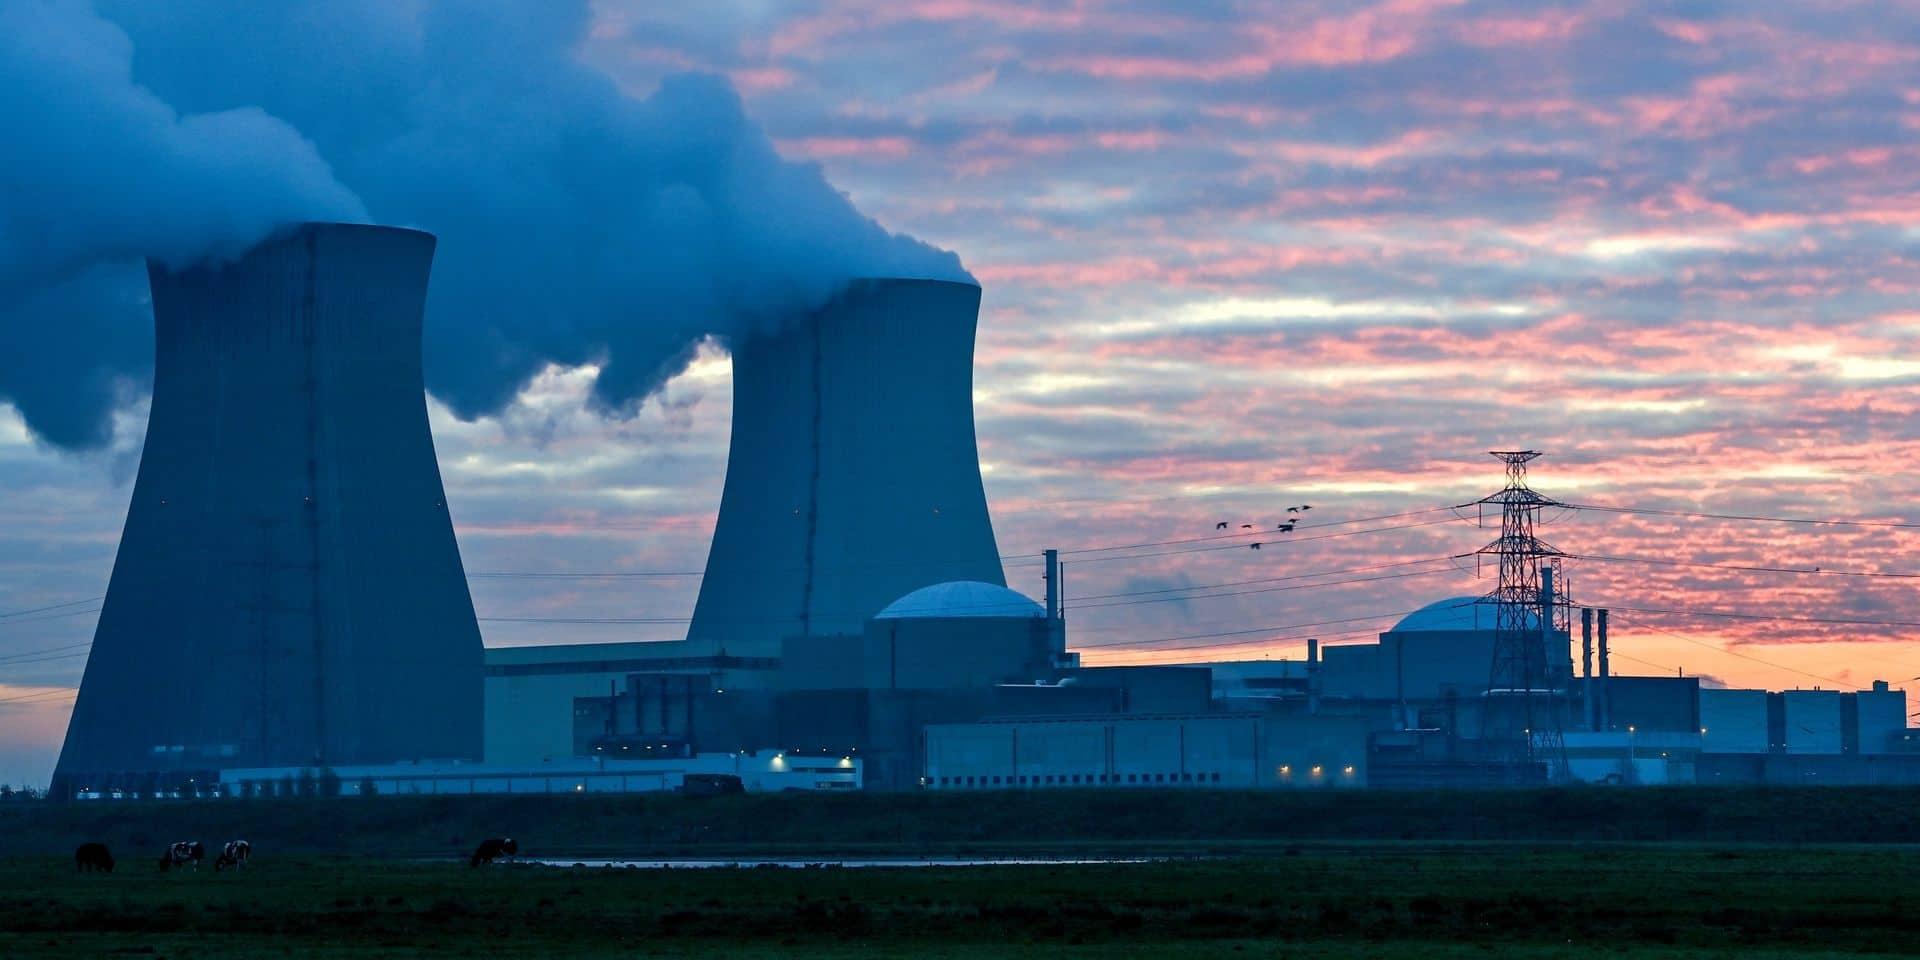 Les réacteurs modulaires sont moins grands et moins puissants que les réacteurs actuels, mais offrent une alternative intéressante, selon Tractebel.